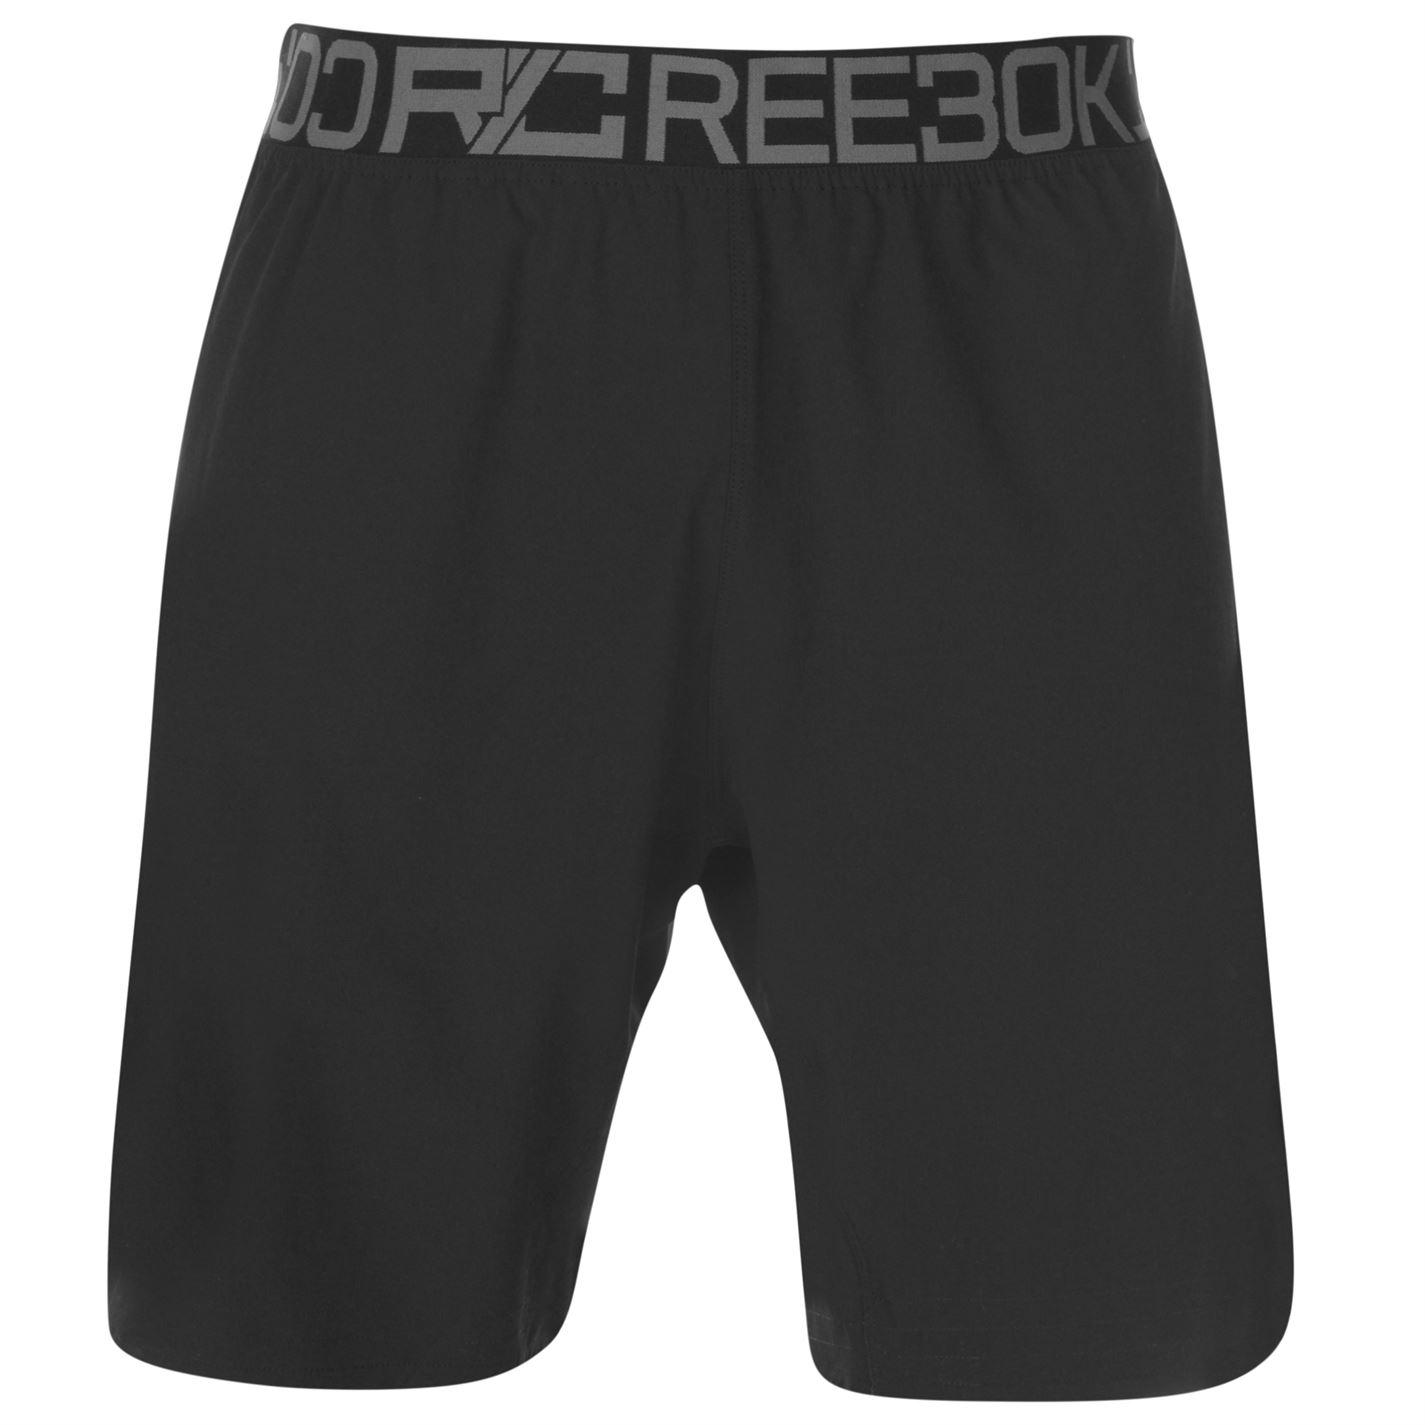 Reebok Woven Shorts pánské